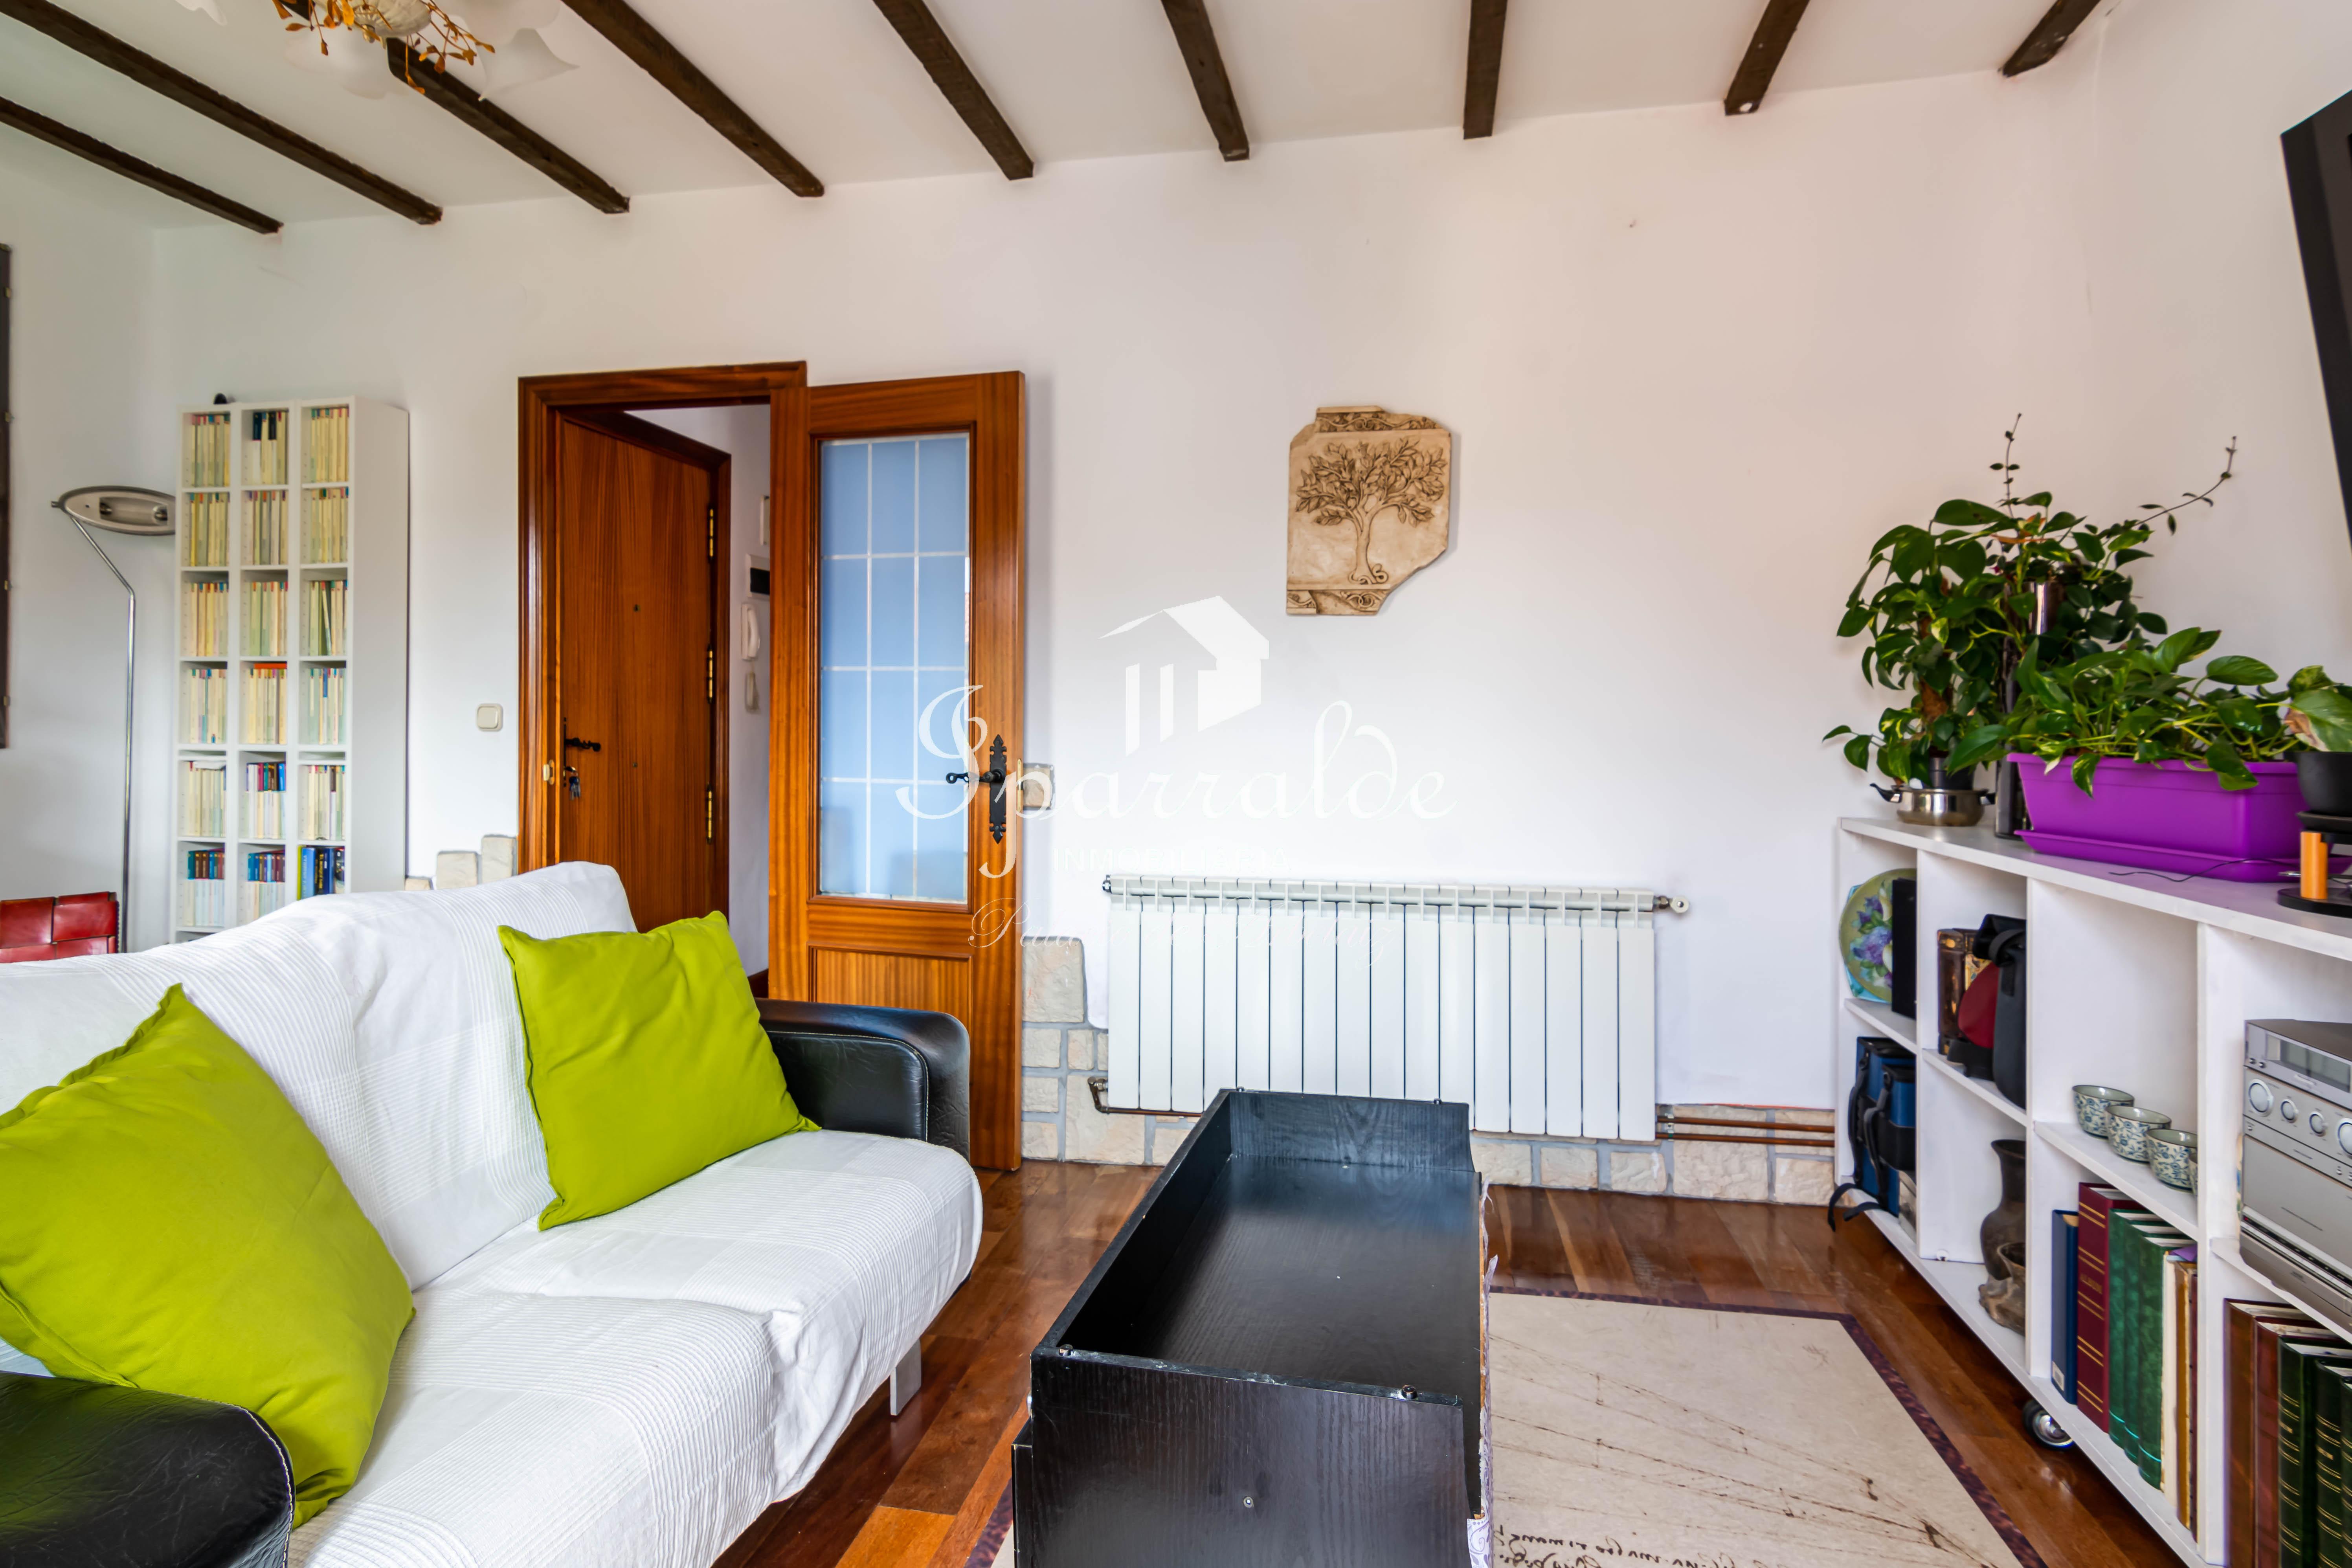 Piso de 2 habitaciones, salón , cocina independiente y baño completo